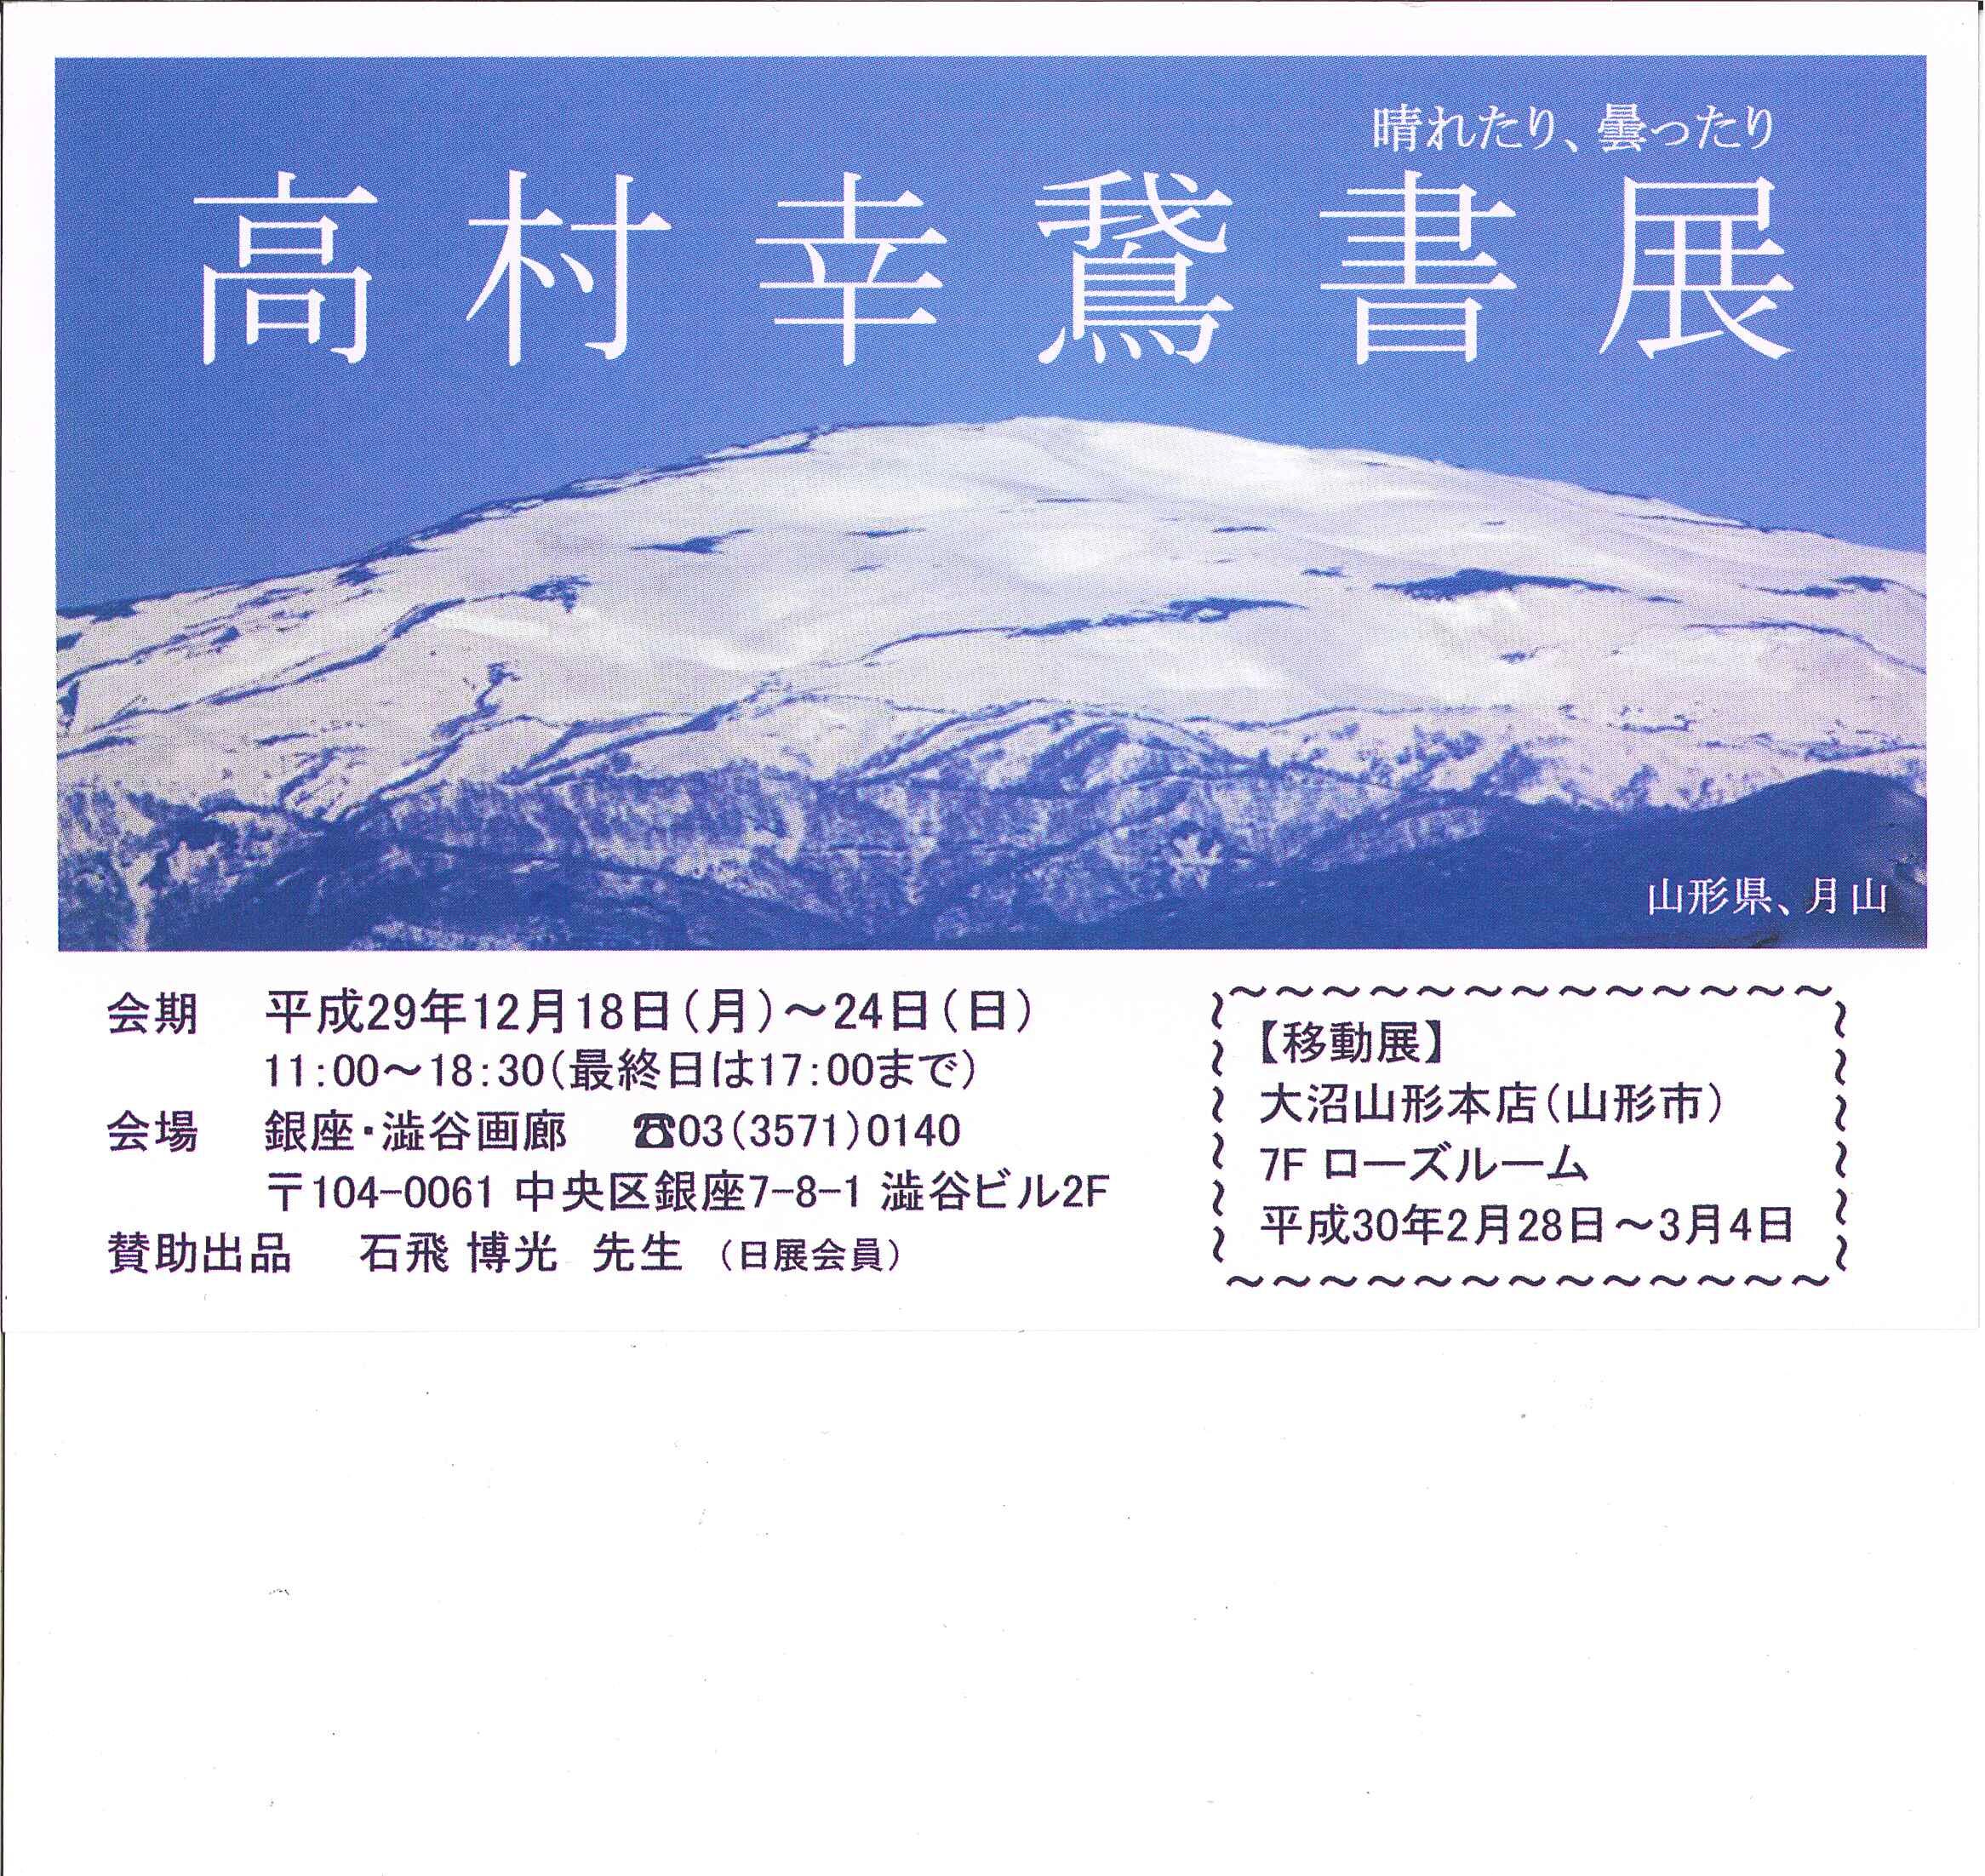 http://www.sogen.or.jp/letter/2017/12/07/20171207085058253_0001.jpg